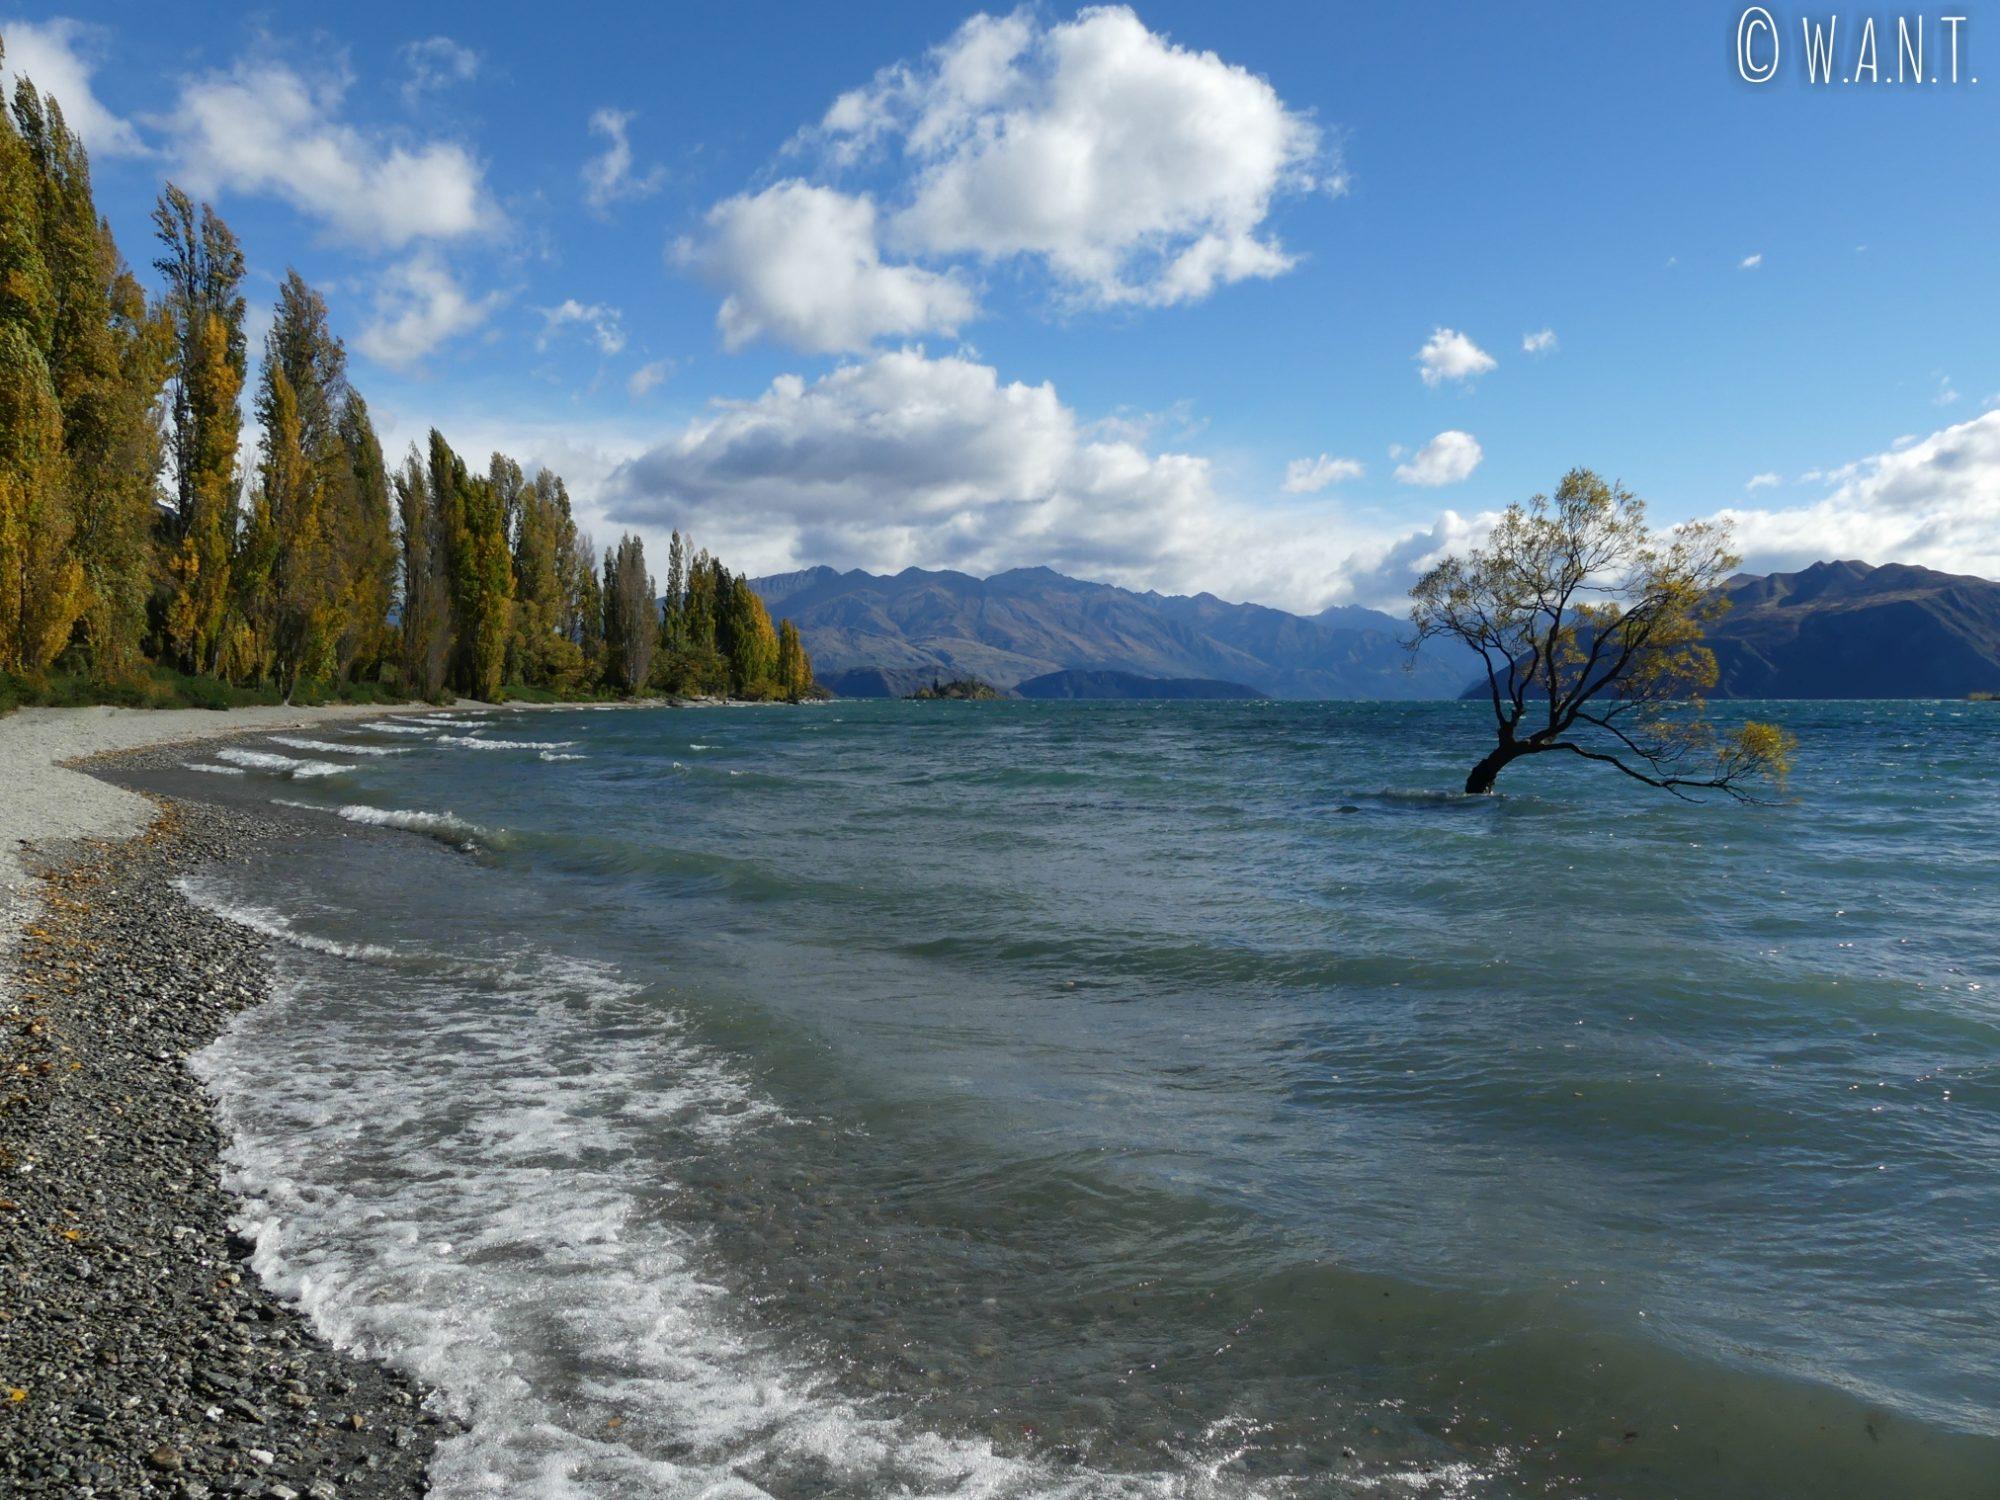 L'arbre de Wanaka est immergé dans les eaux du lac éponyme en Nouvelle-Zélande